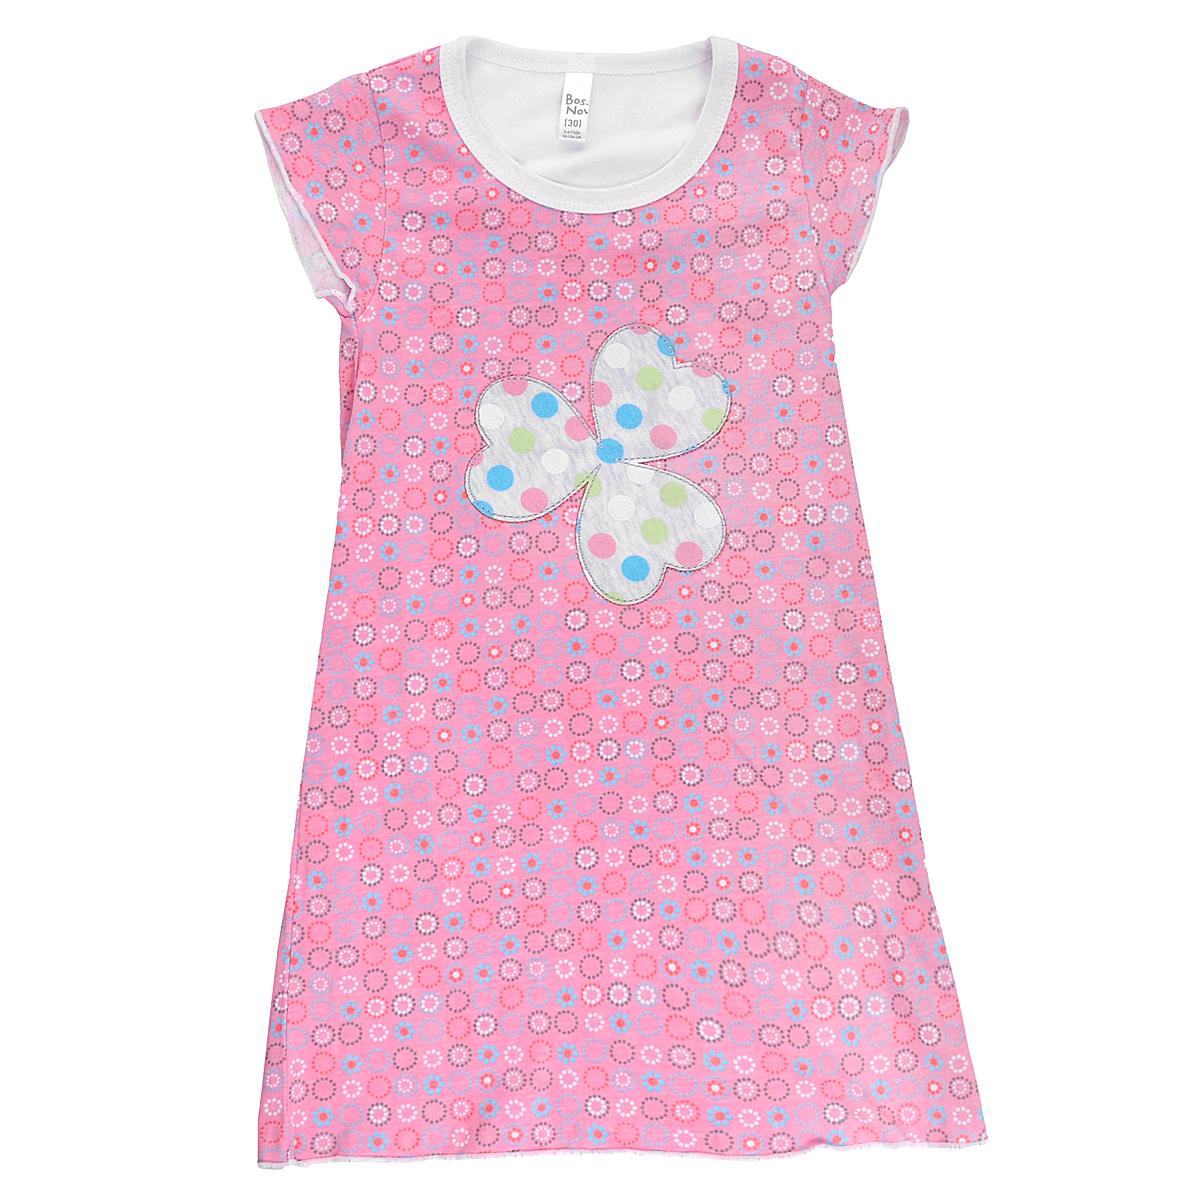 Ночная сорочка для девочки Bossa Nova, цвет: розовый, белый. 357Б-181. Размер 98/104, 3-4 года пижамы и ночные сорочки bossa nova ночная сорочка супергерои 358б 161